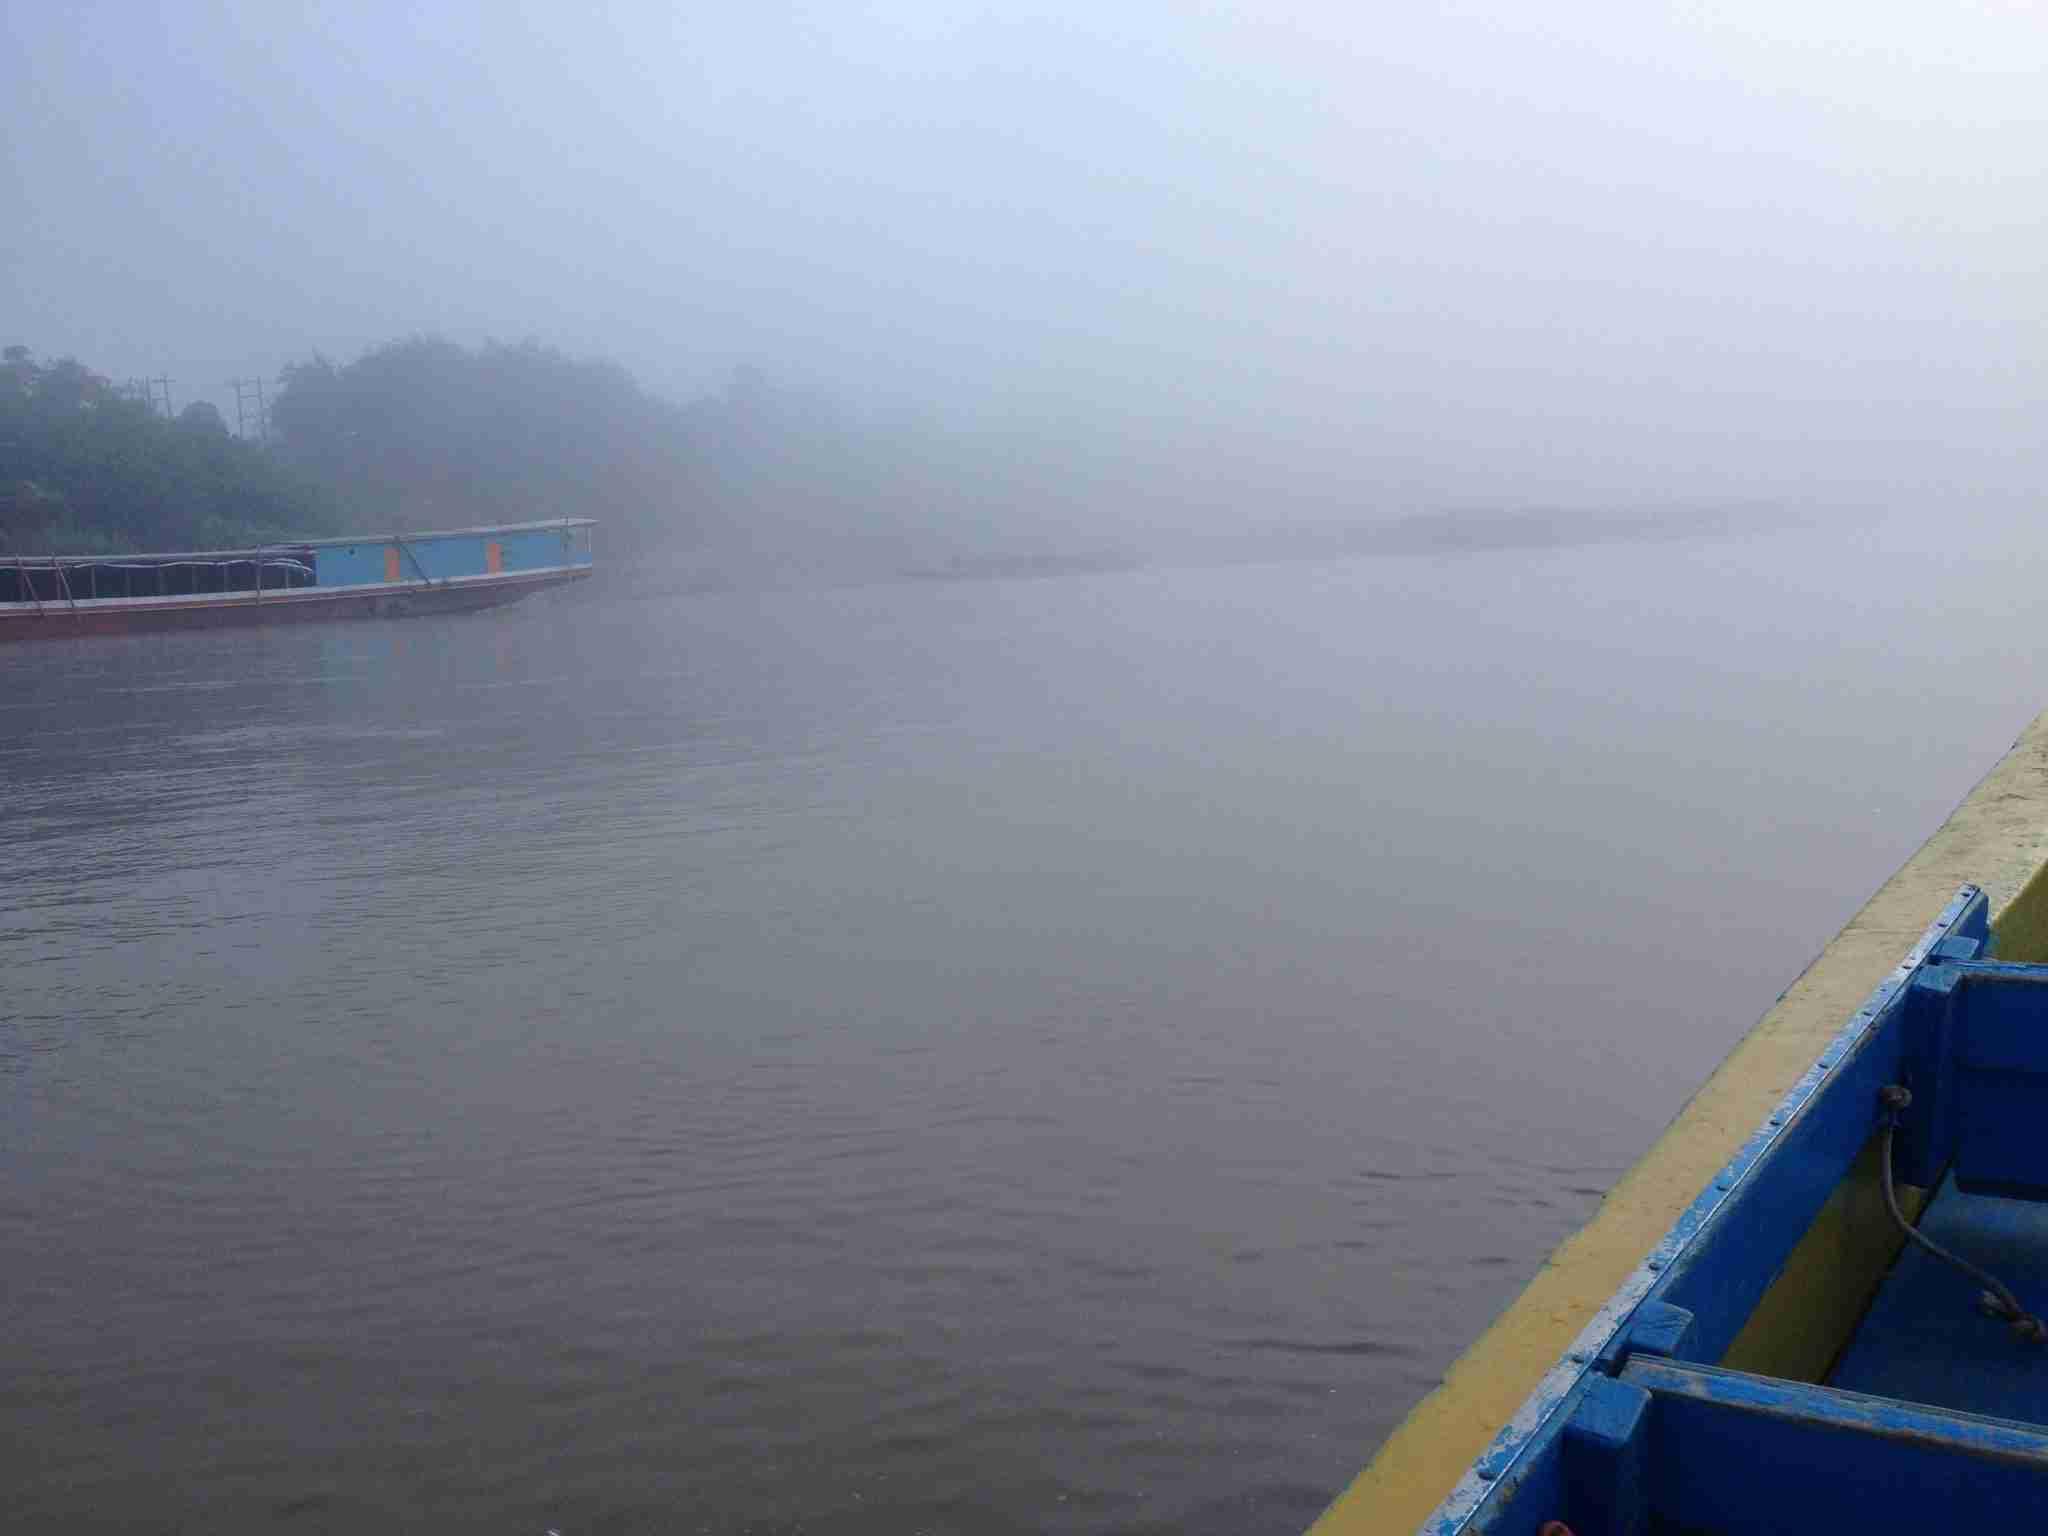 Foggy Mekong